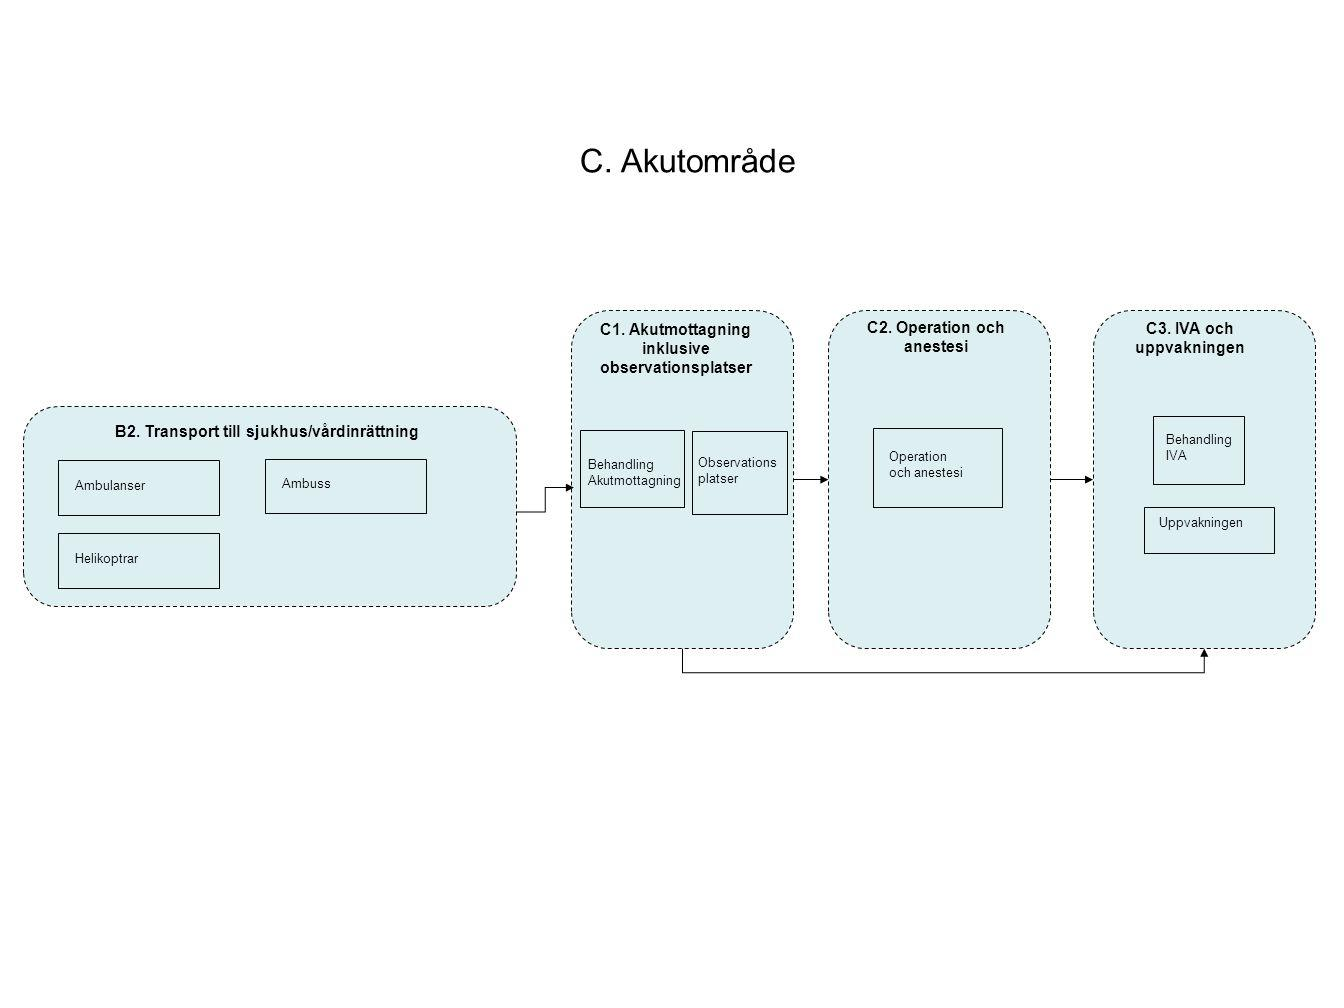 B2.Transport till sjukhus/vårdinrättning Ambulanser HelikoptrarAmbuss D.